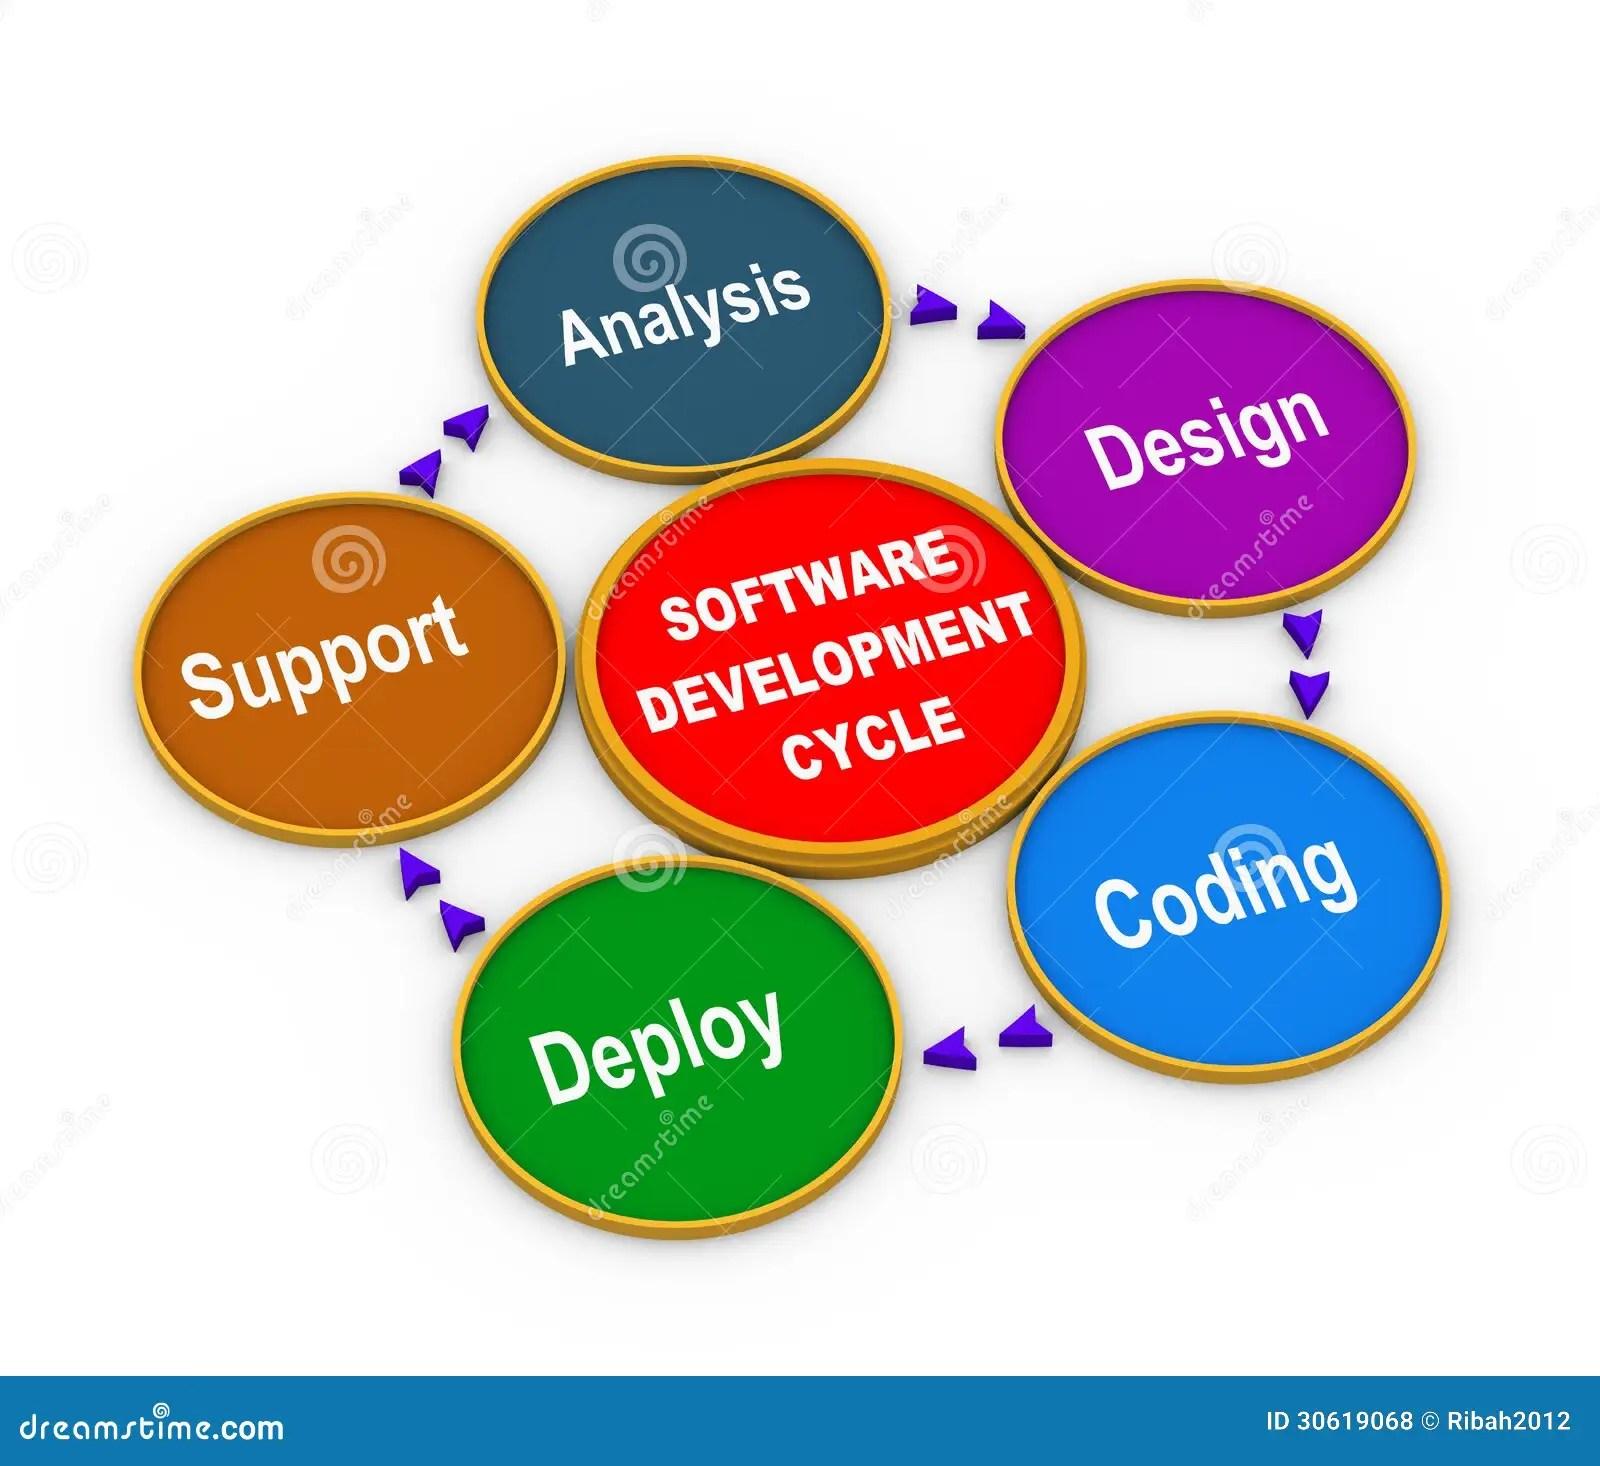 hight resolution of 3d process of software development